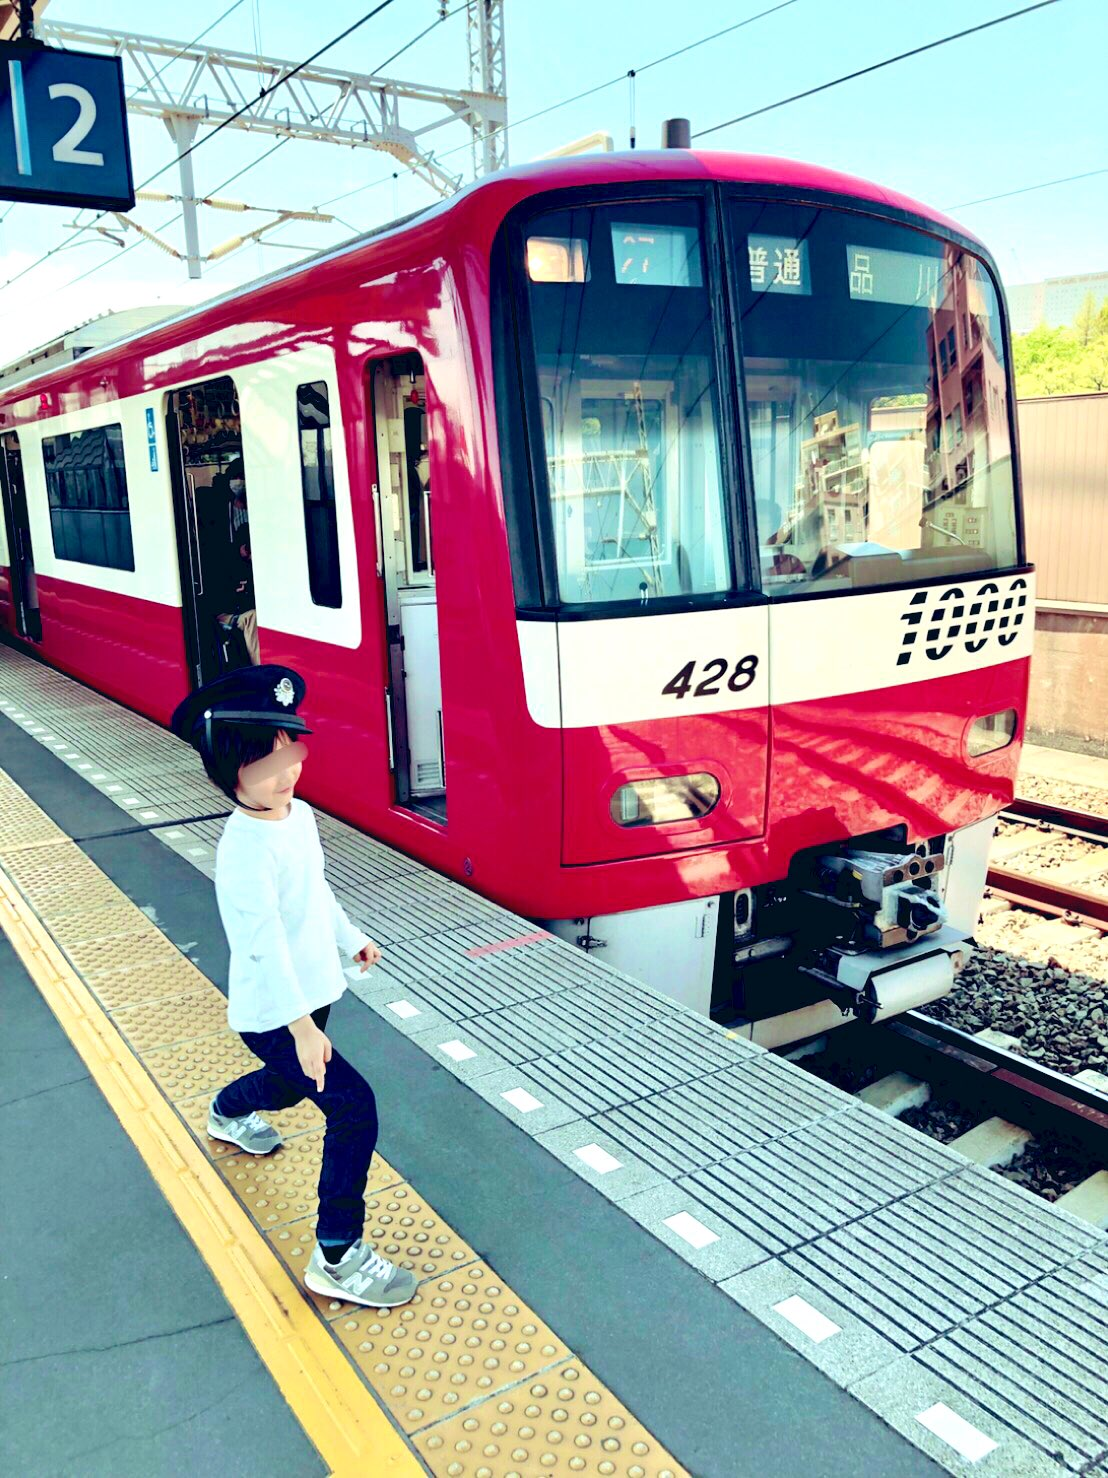 4月に鮫洲駅で息子の写真撮ってたら、運転士さんが降りて来てそっと息子に自分の帽子を被せてくれた。さりげない優しさに感動!生まれた時から40年京急沿線民。地元の人はみんな京急大好き。みんな応援してるよ!!#がんばれ京急